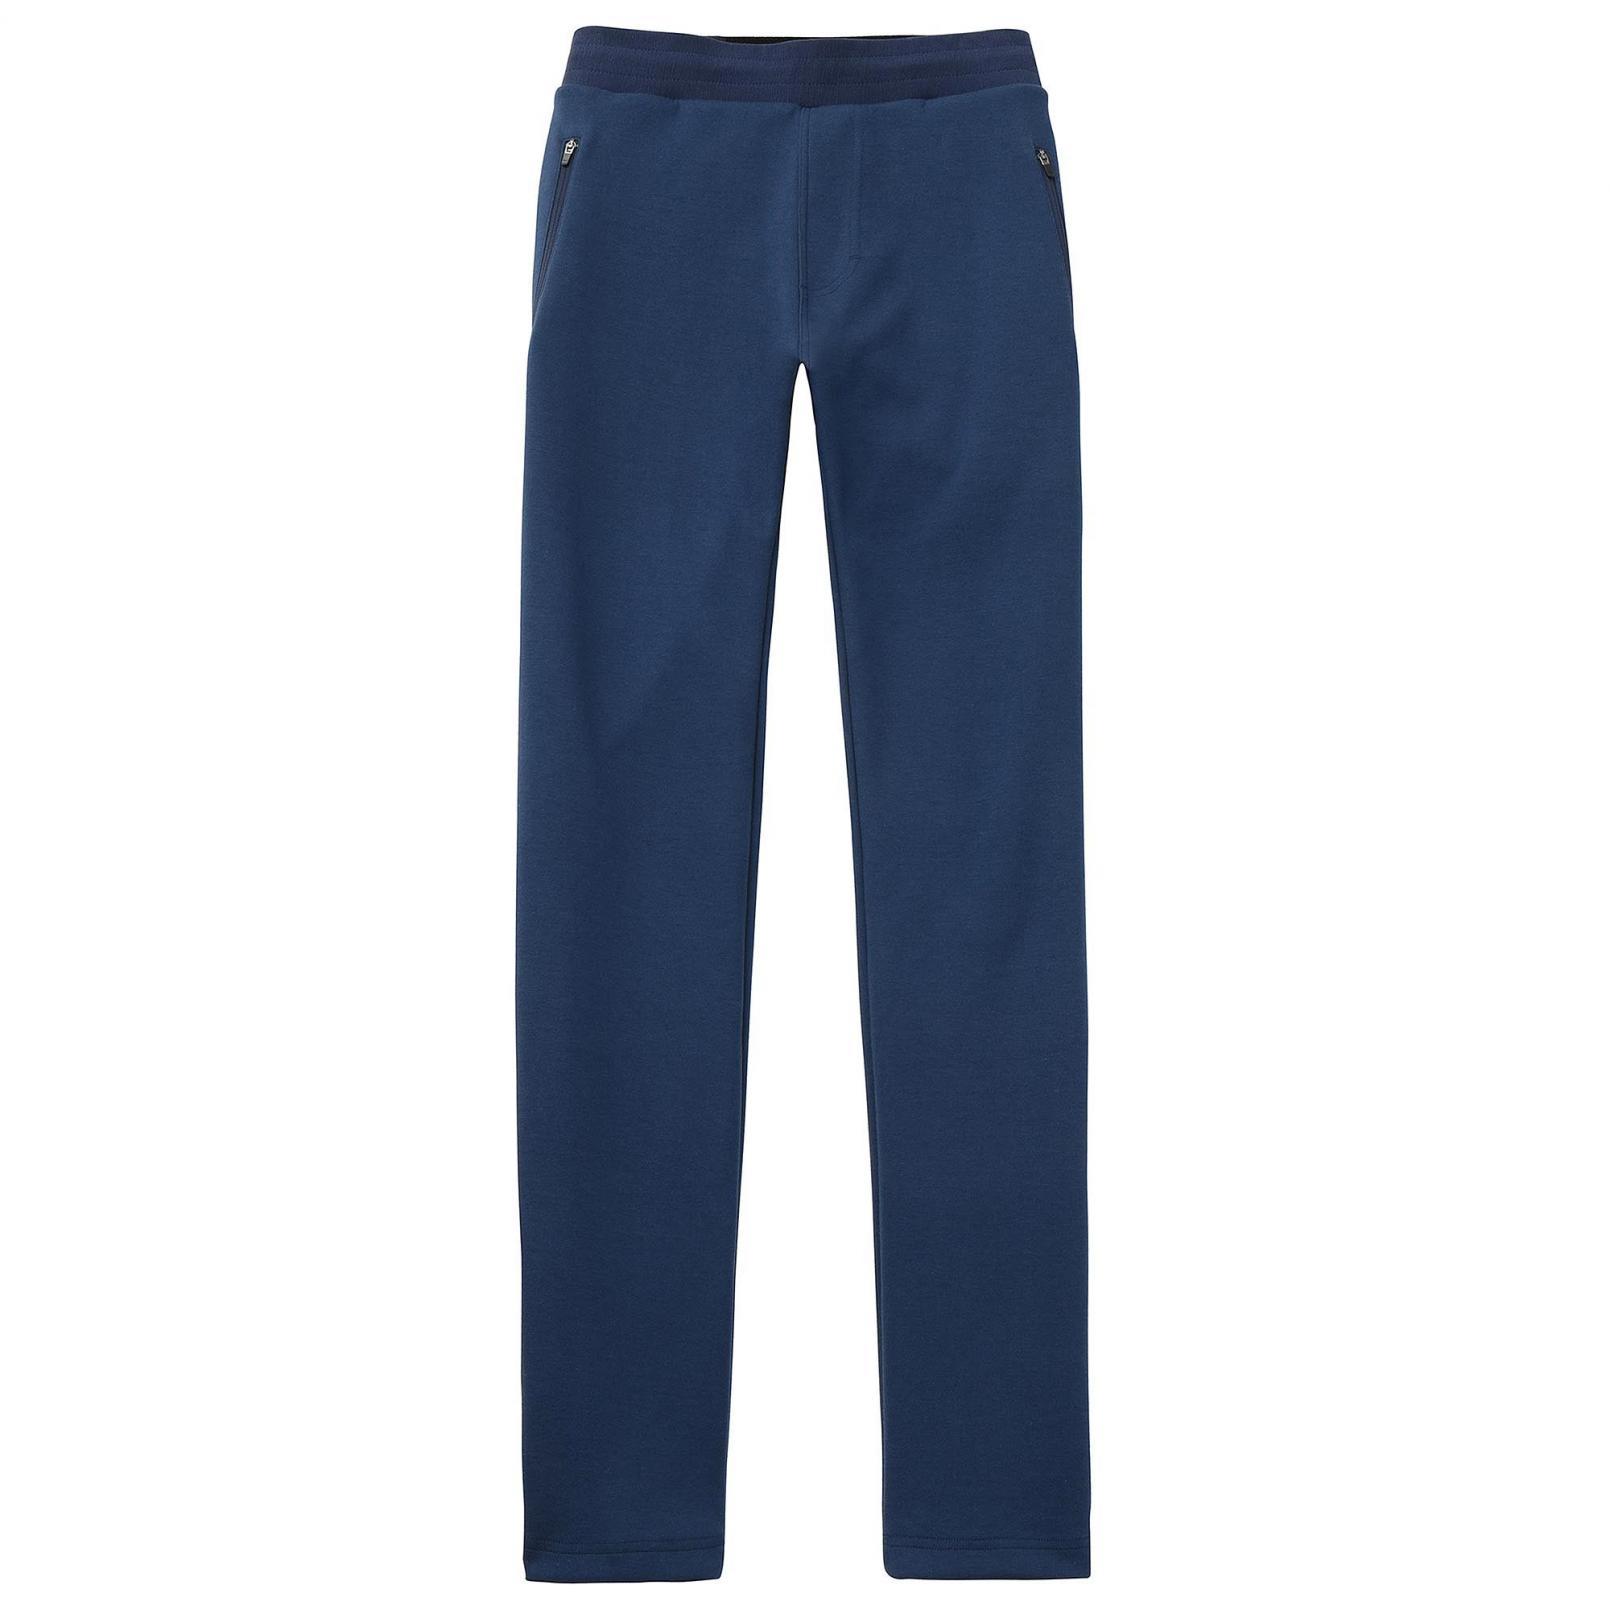 Pants – Le Coq Sportif Essentiels Pant Blue